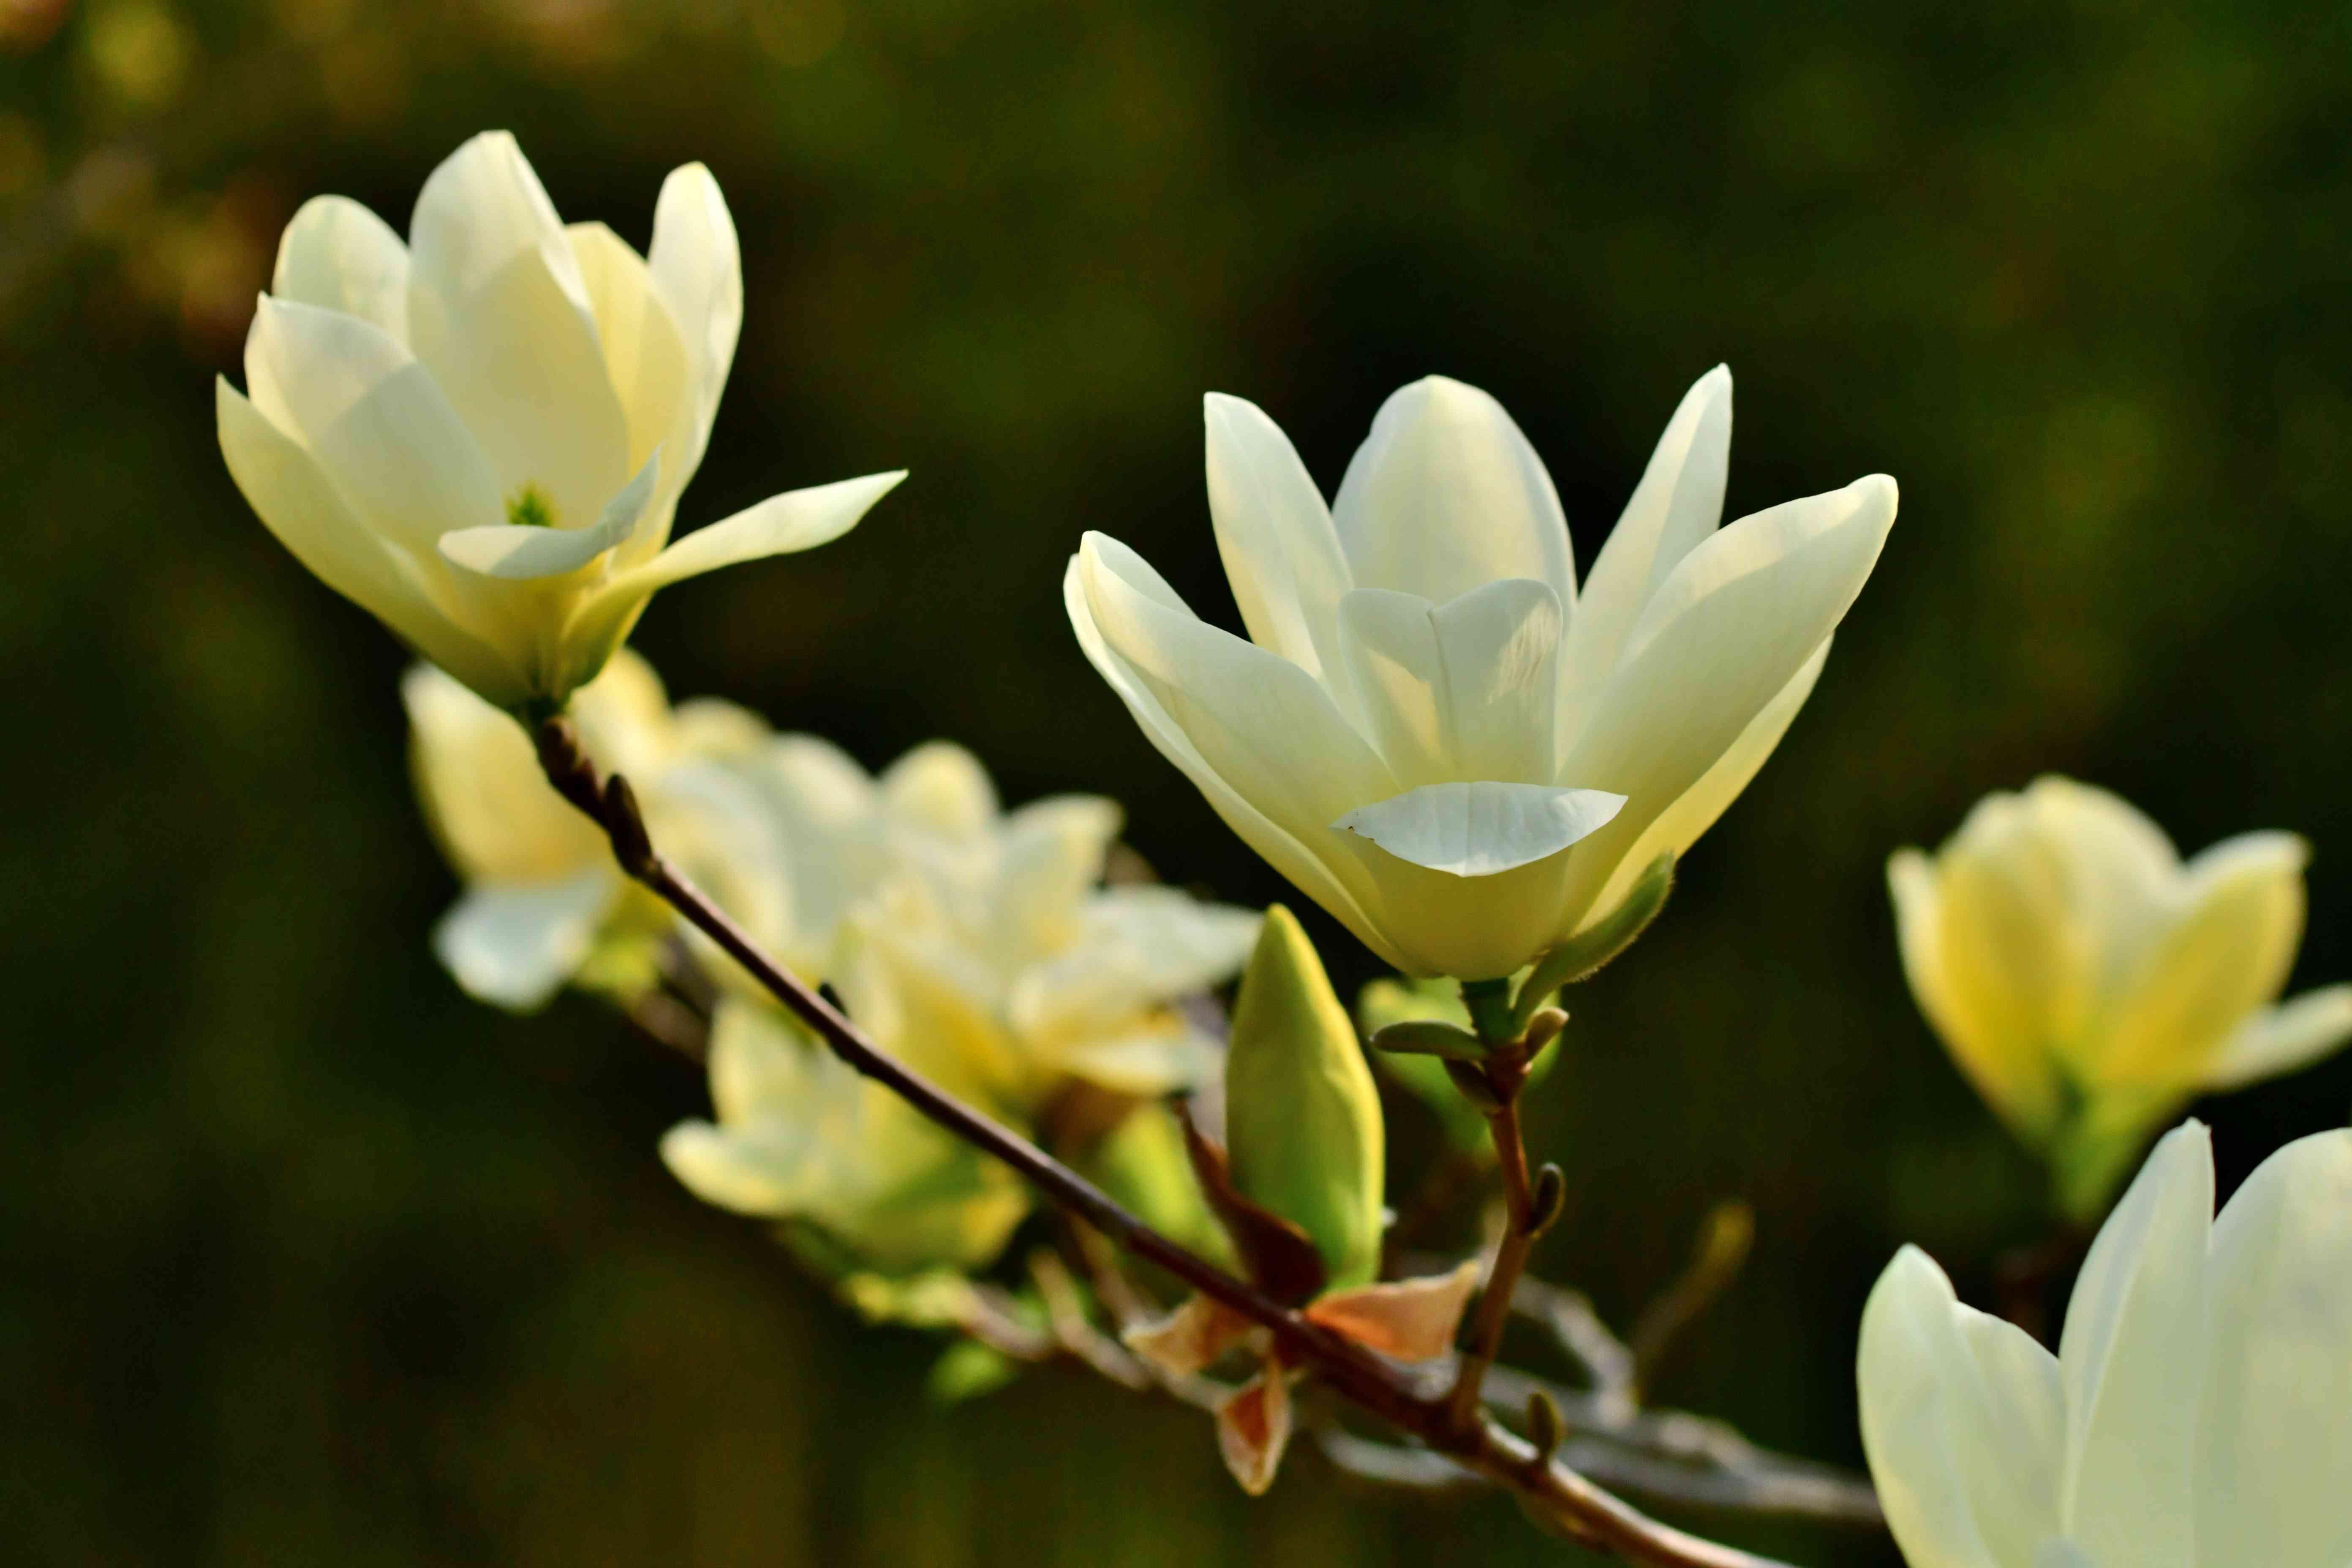 Magnolia acuminata / Cucumber Magnolia